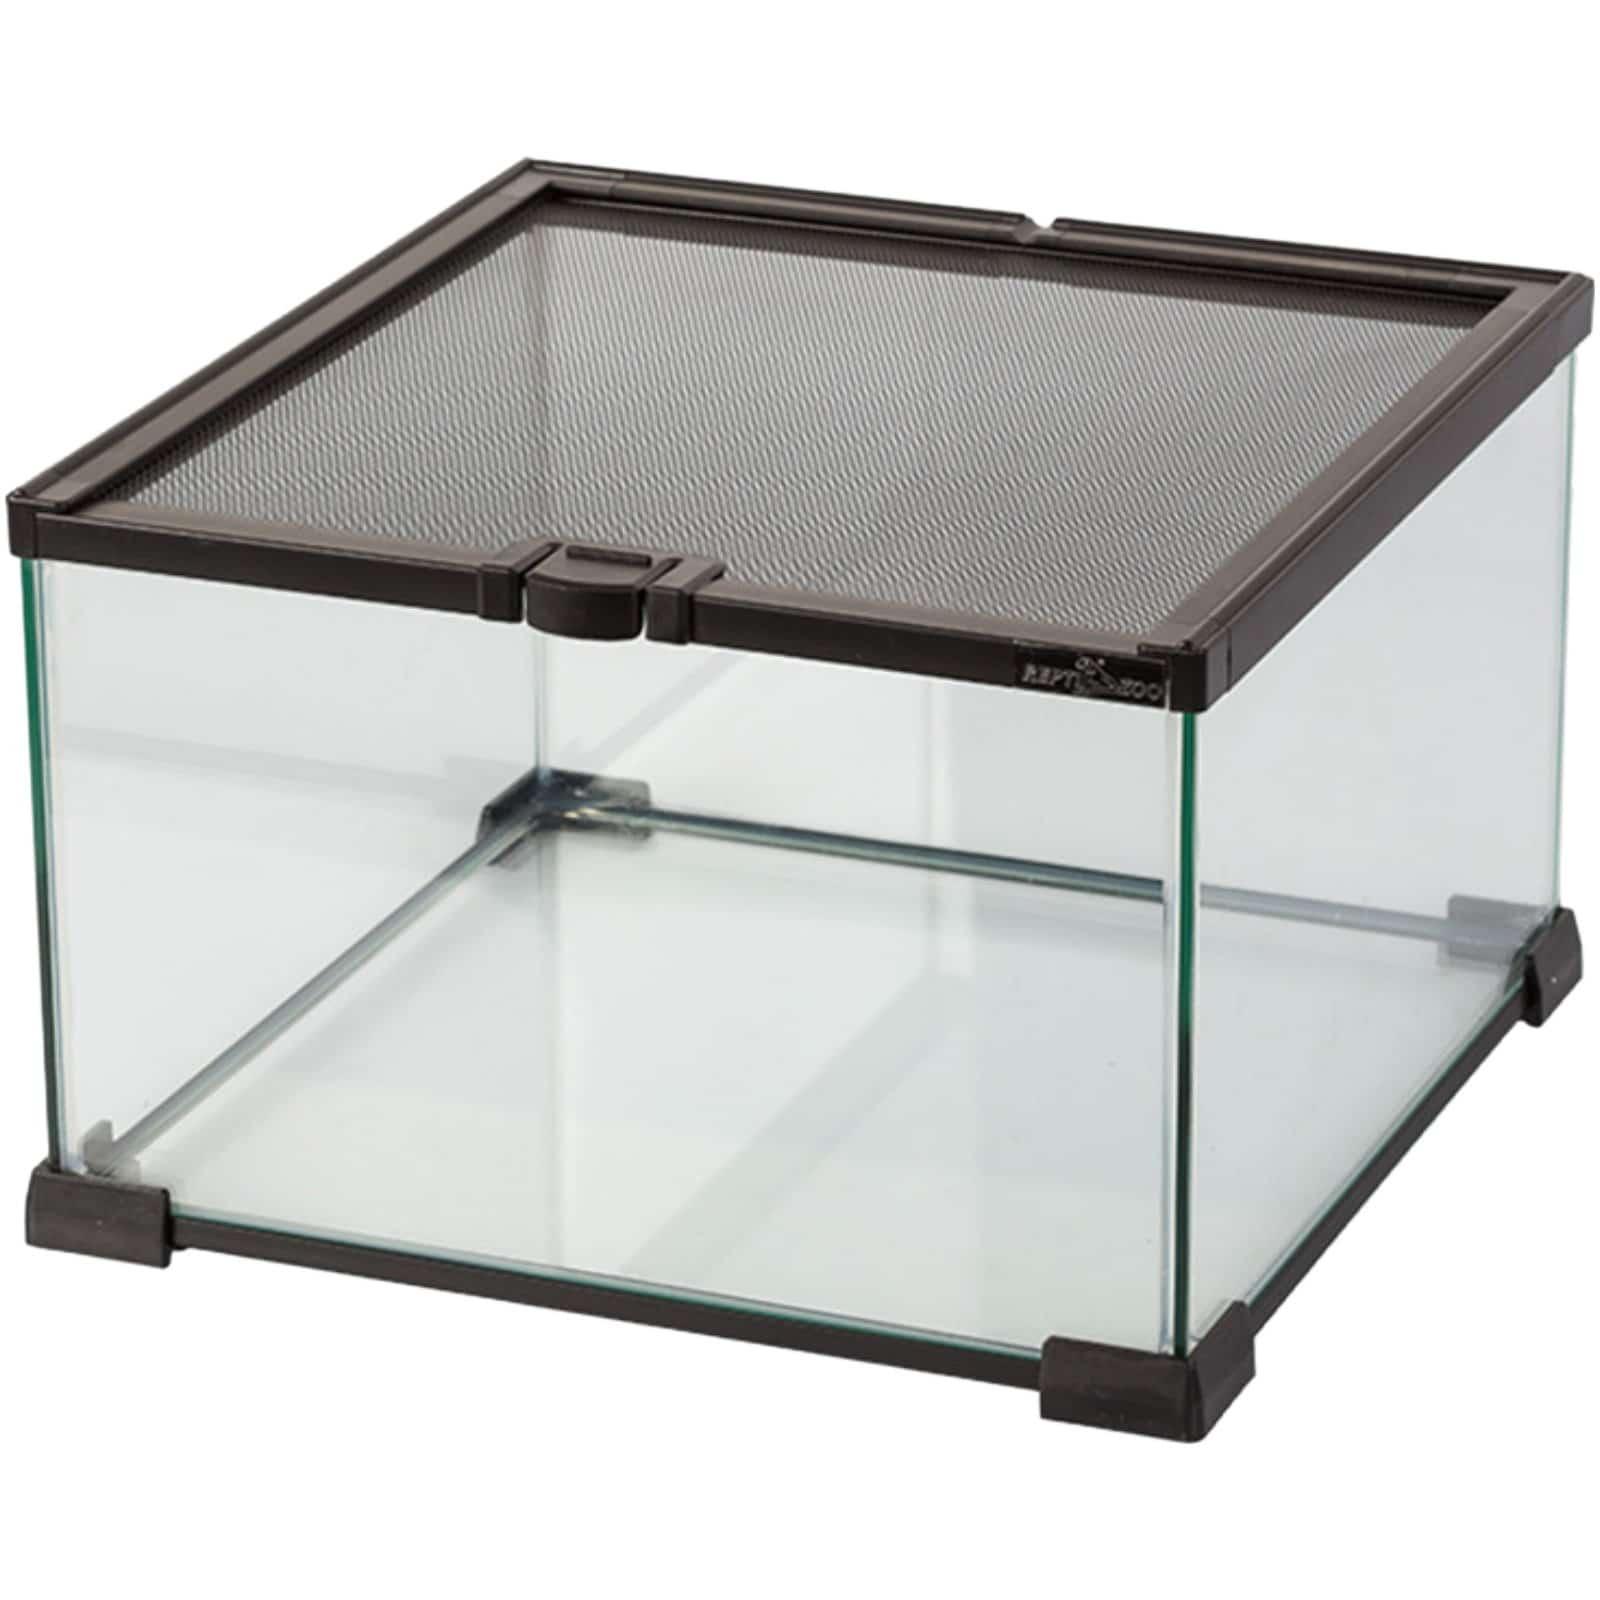 Repti Zoo Mini Glass Reptile Habitat 31 X 31 X 20cm Black Terrarium Aquarium Central